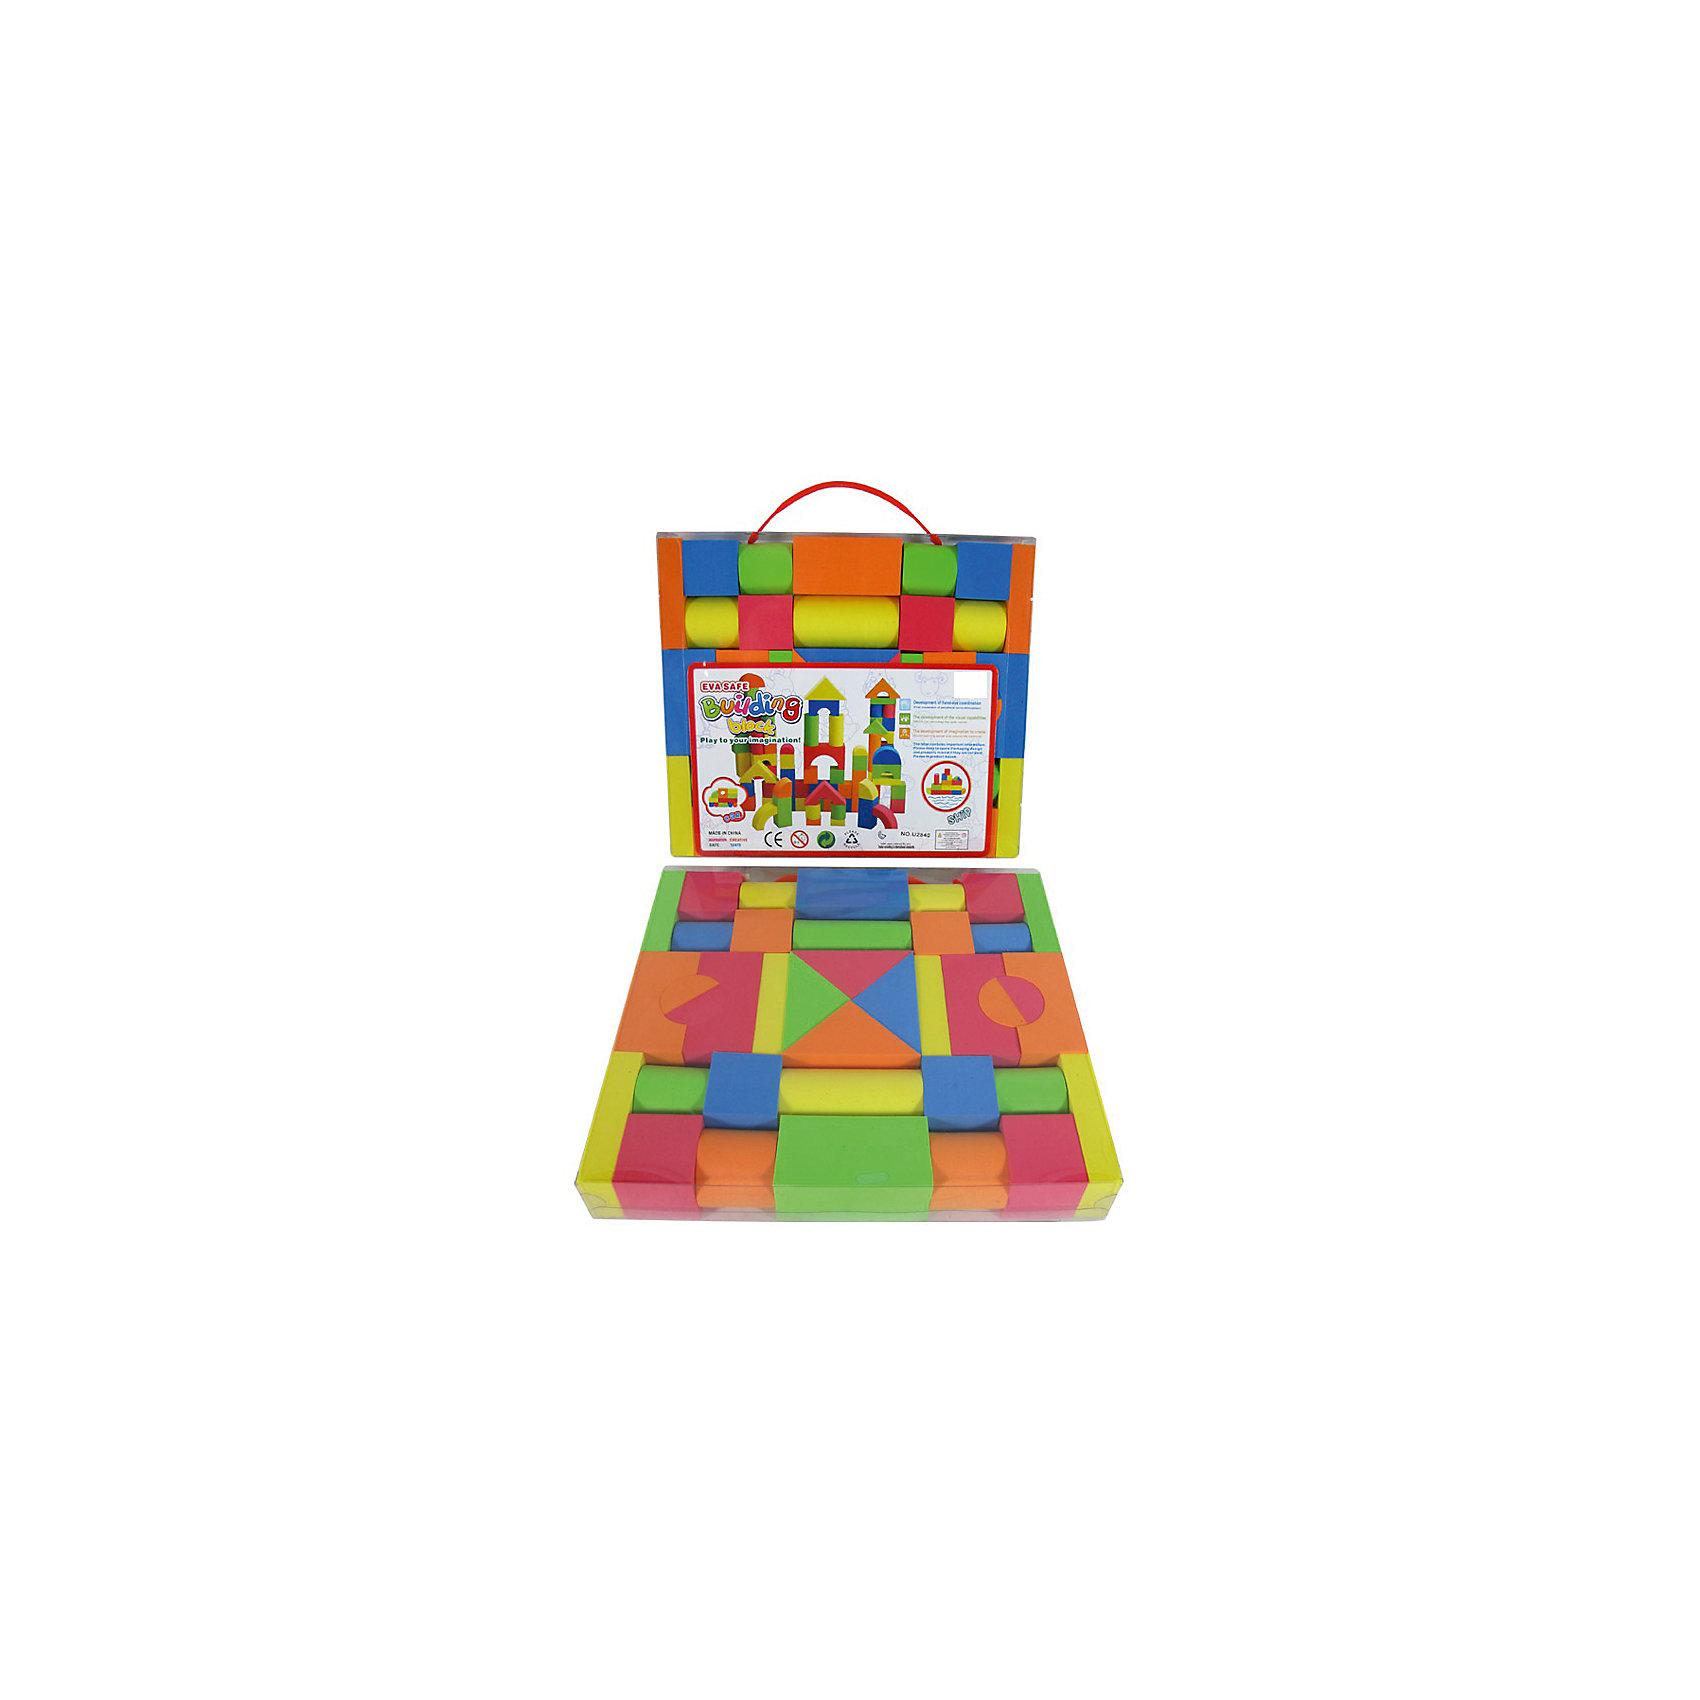 Мягкий блочный конструктор, 38 дет, KriblyBooКонструкторы для малышей<br>Мягкий блочный конструктор, 38 дет, KriblyBoo (Крибли Бу).<br><br>Характеристики:<br><br>• мягкий и безопасный для ребенка<br>• яркие цвета<br>• материал: плотный вспененный полимер<br>• размер упаковки: 3,5х24,5х21,5 см<br>• вес: 19,5 см<br><br>Конструктор KriblyBoo не позволит вашему ребенку заскучать, ведь с его помощью можно построить различные башни, замки и прочие сооружения! В набор входят 38 различных деталей, которые помогут закрепить знания о геометрических фигурах. Мягкие детали изготовлены из вспененного полимера, исключающего травмирование во время игры. Порадуйте юного строителя хорошим конструктором!<br><br>Мягкий блочный конструктор, 38 дет, KriblyBoo (Крибли Бу)вы можете купить в нашем интернет-магазине.<br><br>Ширина мм: 215<br>Глубина мм: 245<br>Высота мм: 35<br>Вес г: 195<br>Возраст от месяцев: 36<br>Возраст до месяцев: 84<br>Пол: Унисекс<br>Возраст: Детский<br>SKU: 5017669